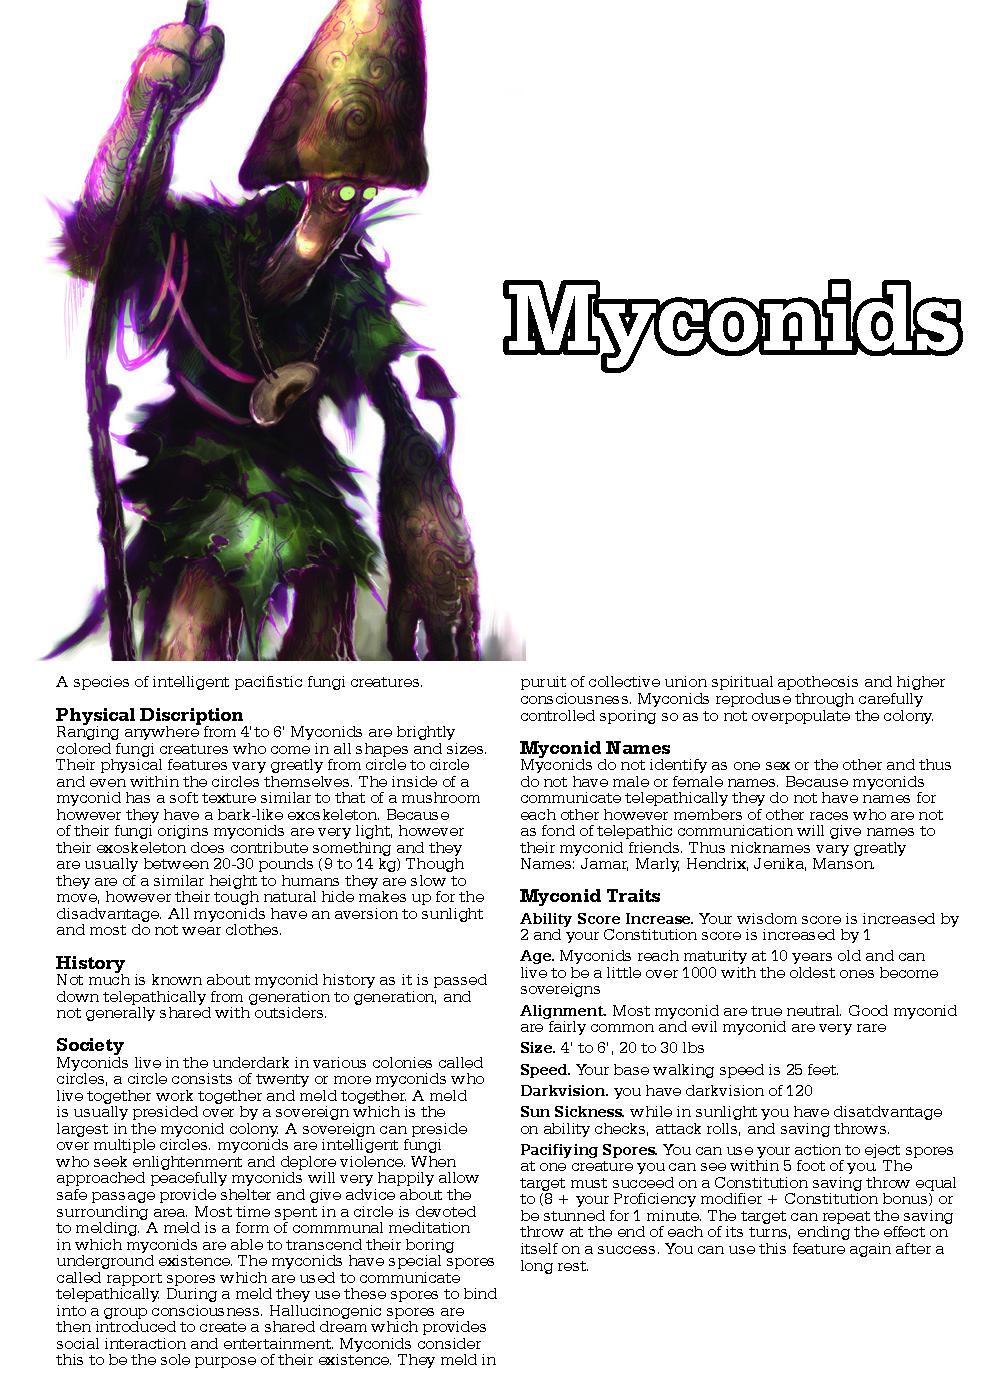 Myconid.jpg